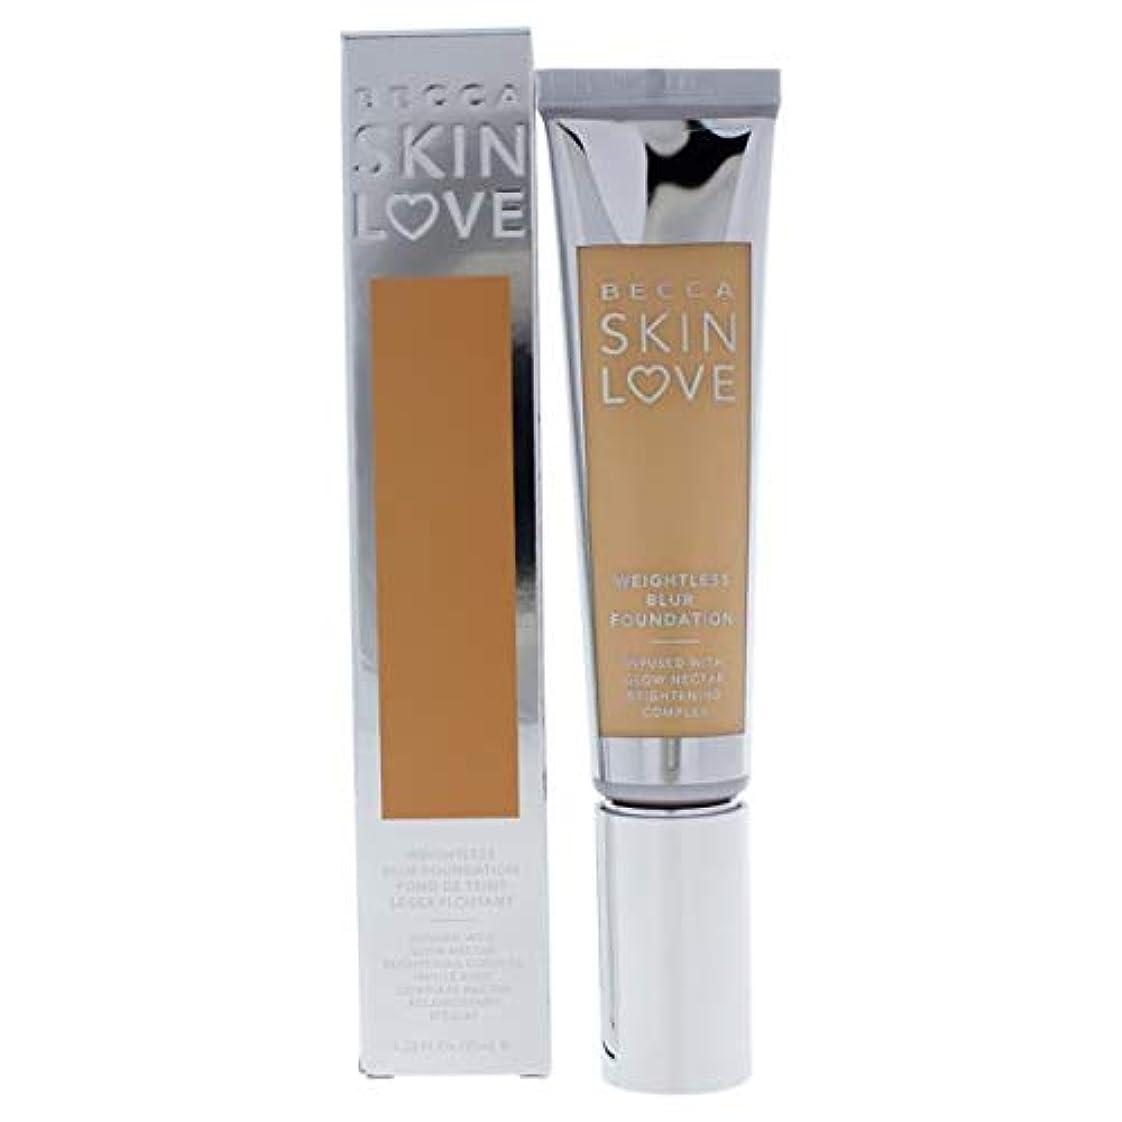 有毒きゅうりスリチンモイベッカ Skin Love Weightless Blur Foundation - # Vanilla 35ml/1.23oz並行輸入品